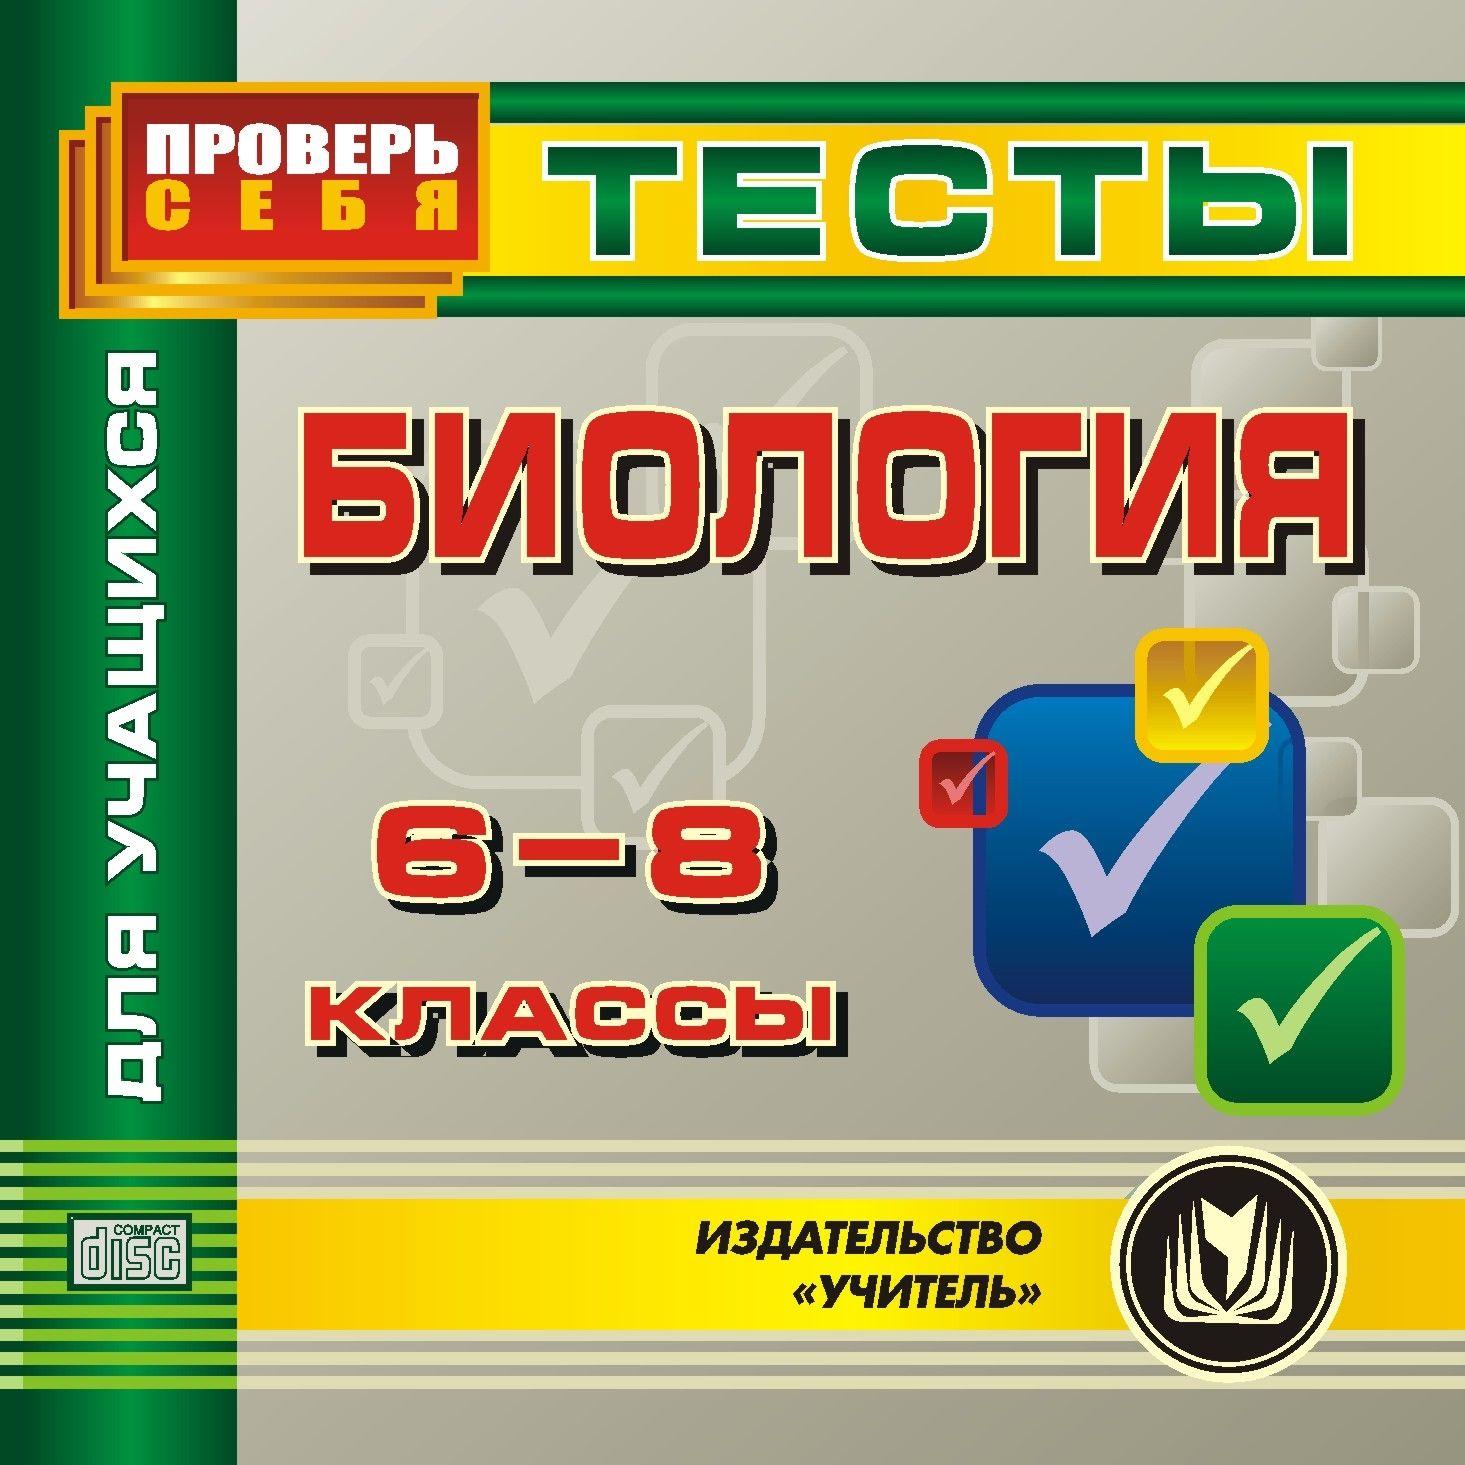 Биология. 6-8 кл. Тесты для учащихся. Компакт-диск для компьютераСредняя школа<br>В настоящем электронном пособии Биология. Тесты для учащихся. 6–8 классы содержится ряд тестов, составленных в соответствии со стандартами средней общеобразовательной школы. Пособие создано в помощь учащимся 6–8 классов, желающим проверить и повысить св...<br><br>Авторы: Высоцкая М. В.<br>Год: 2010<br>Серия: Проверь себя<br>Высота: 125<br>Ширина: 141<br>Толщина: 10